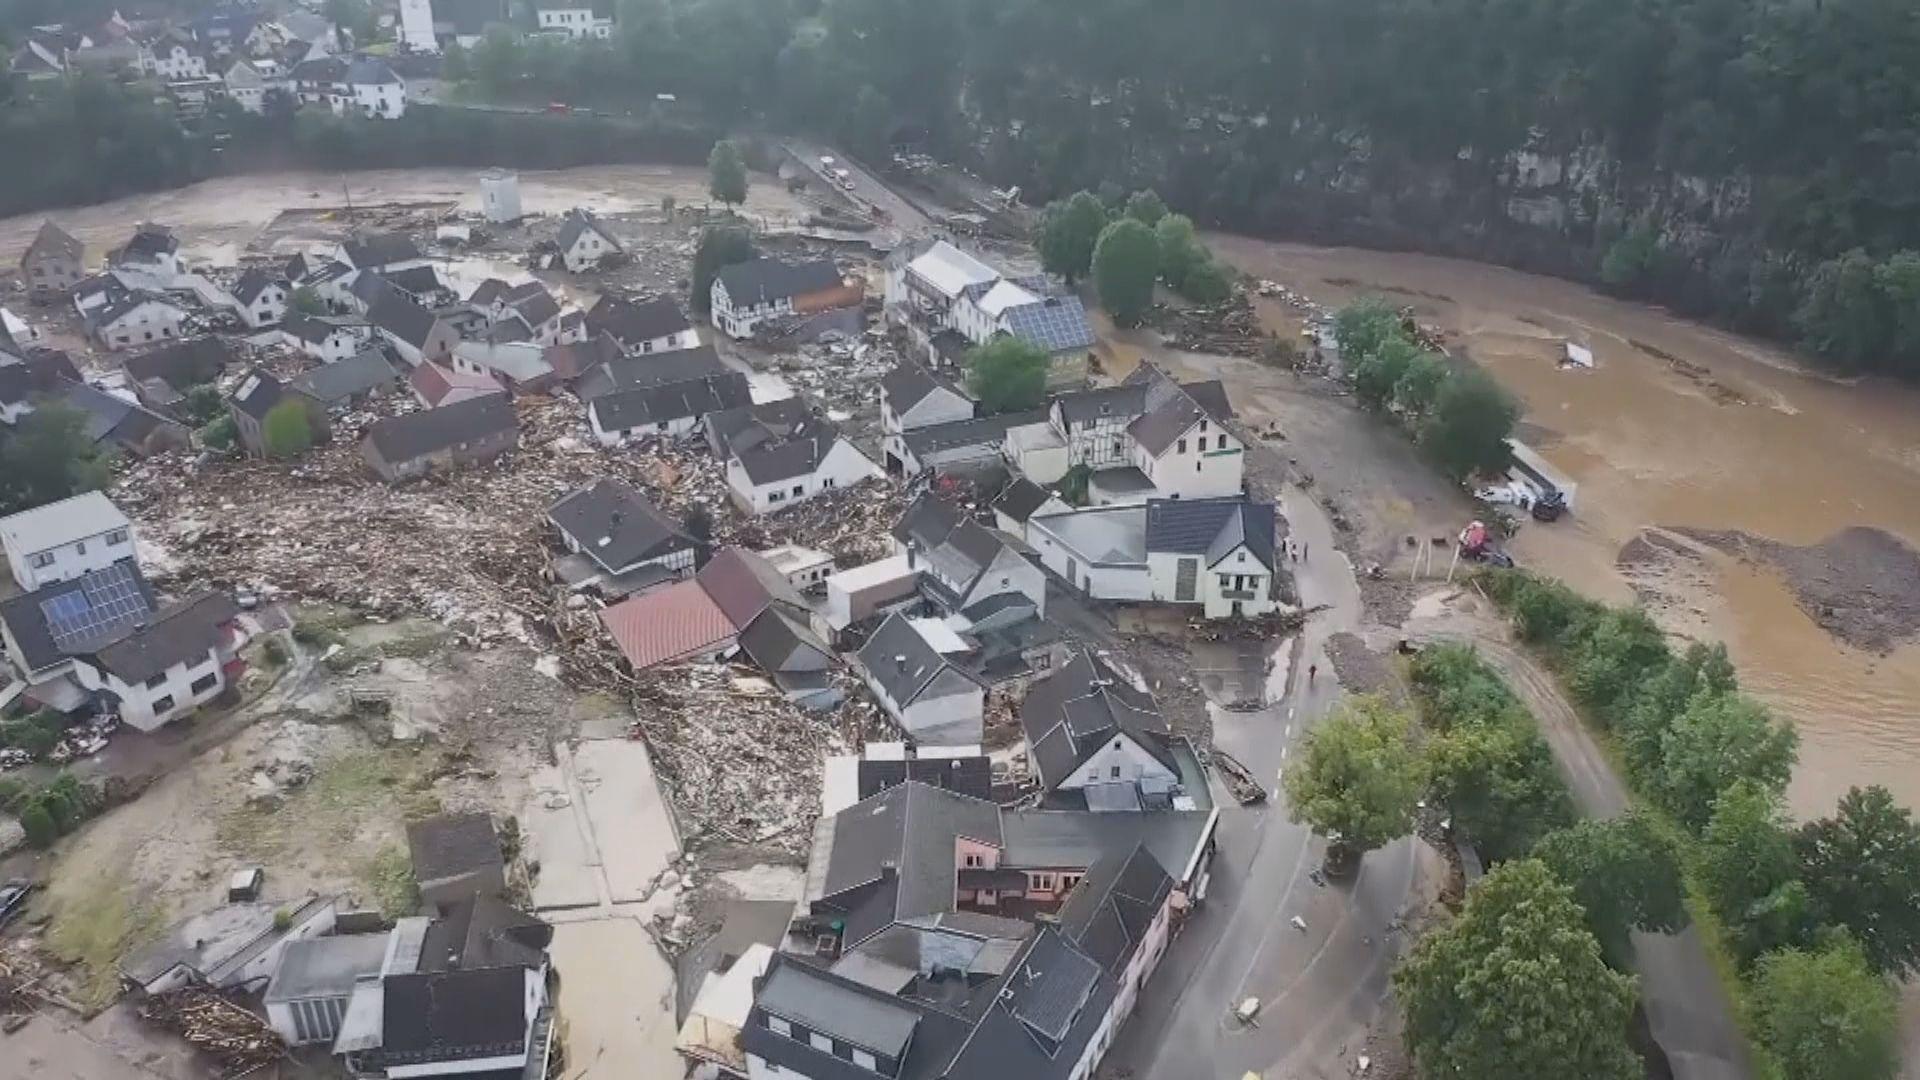 德國西部暴雨成災 據報至少19人死亡逾70人失蹤